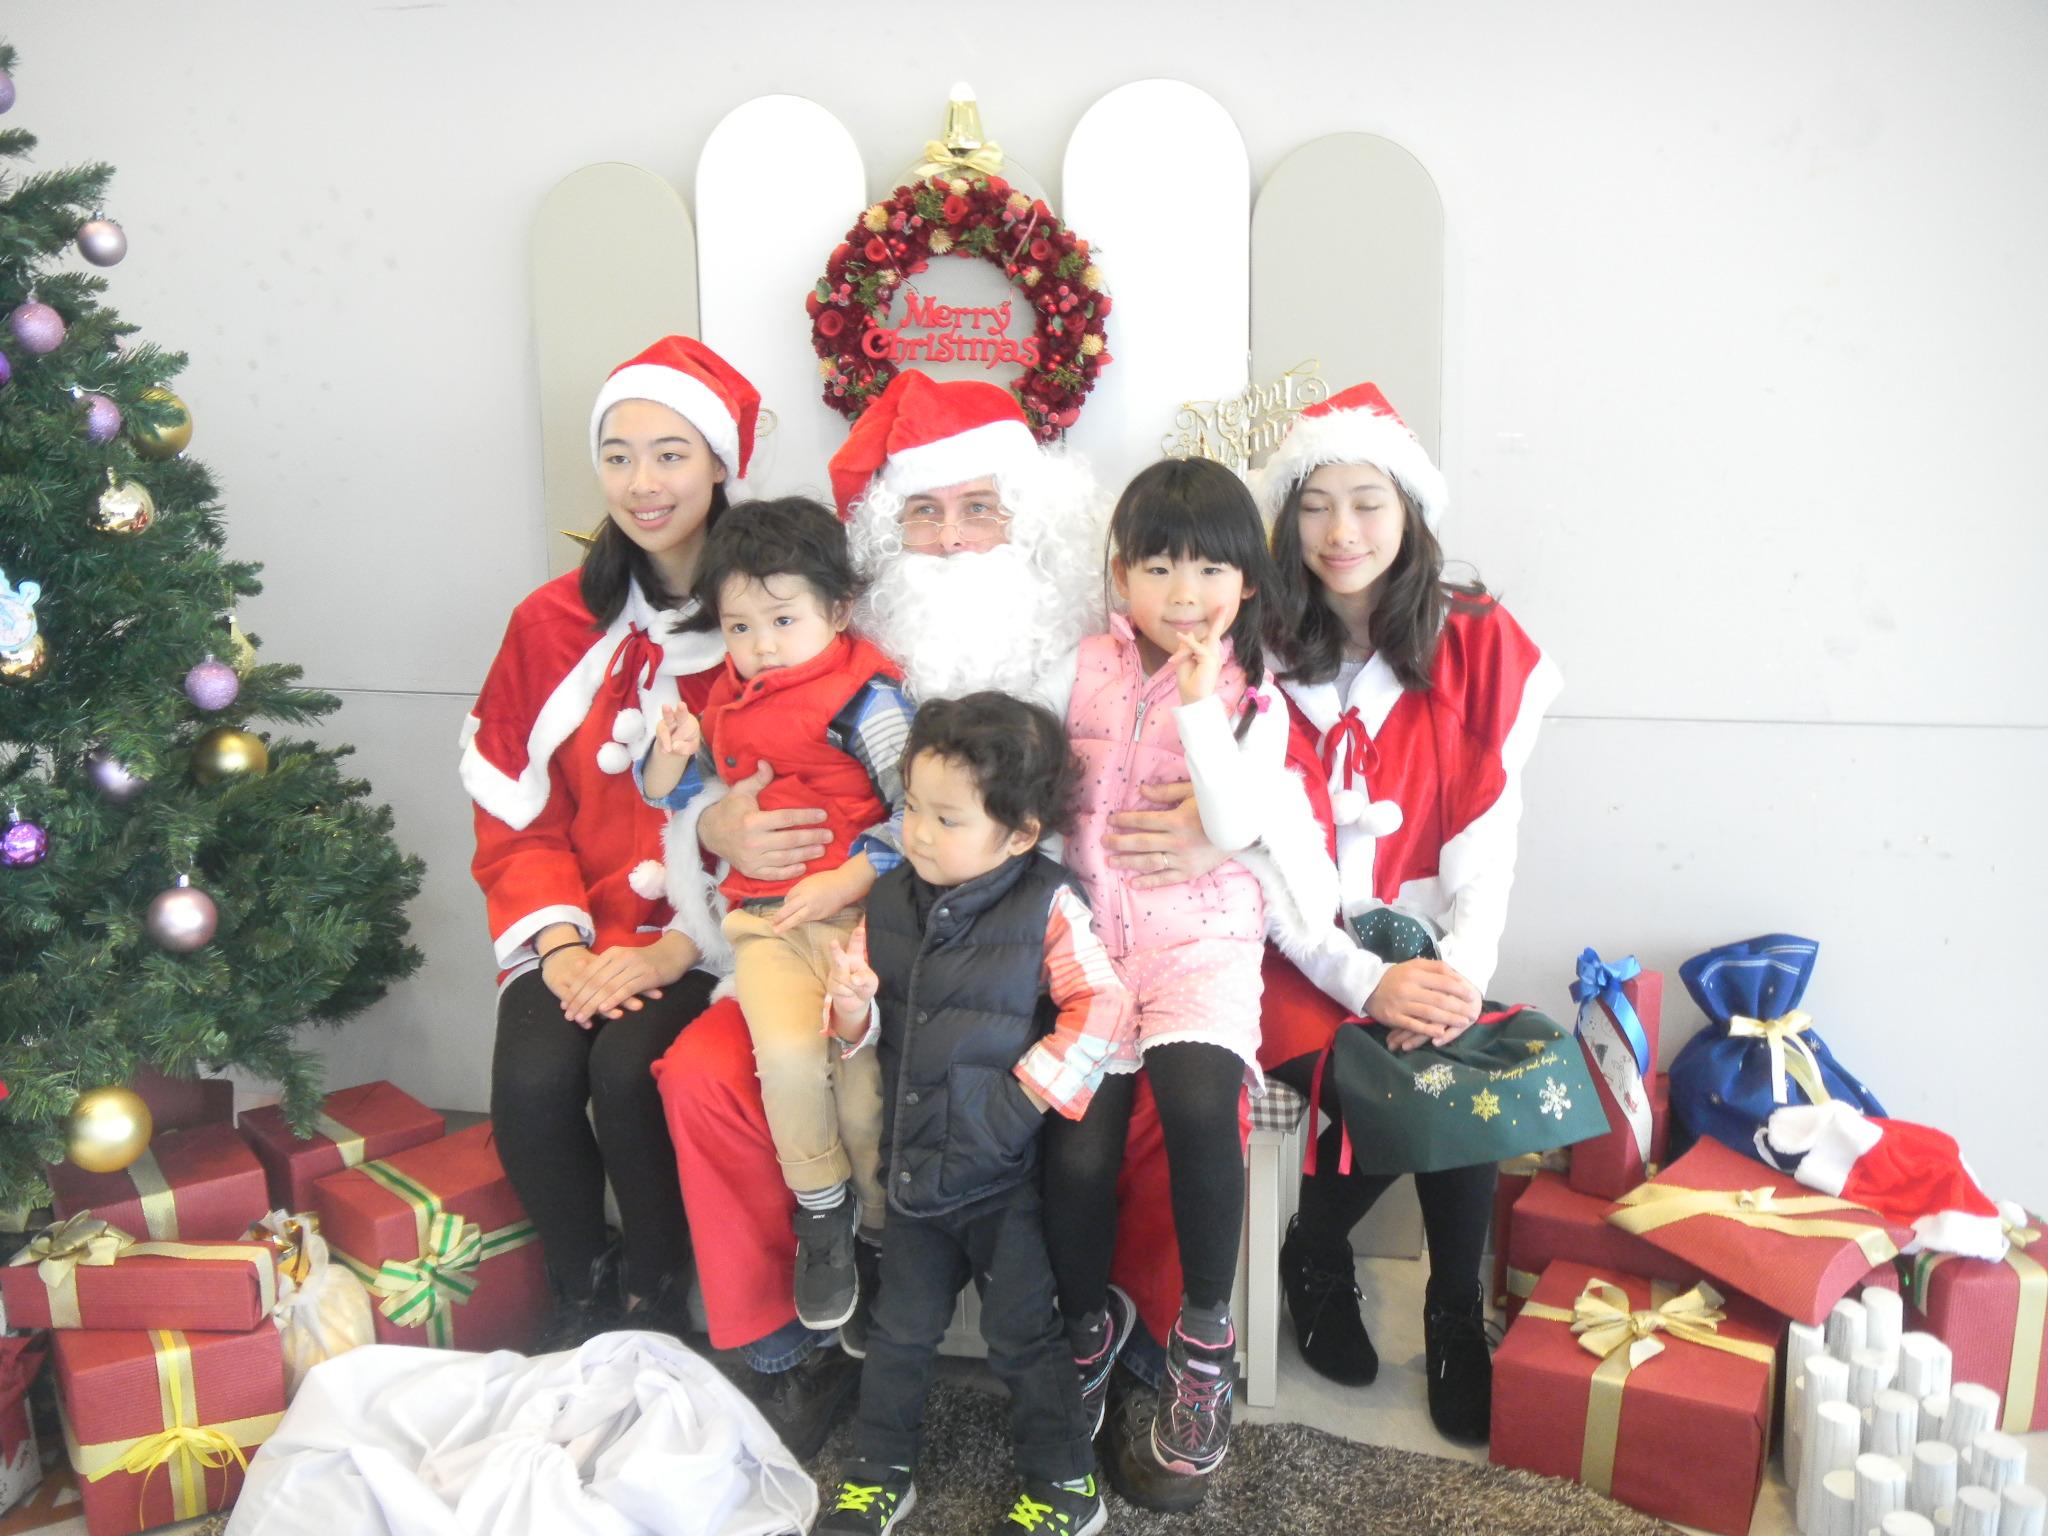 【クリスマスマルシェ 写真ギャラリー】